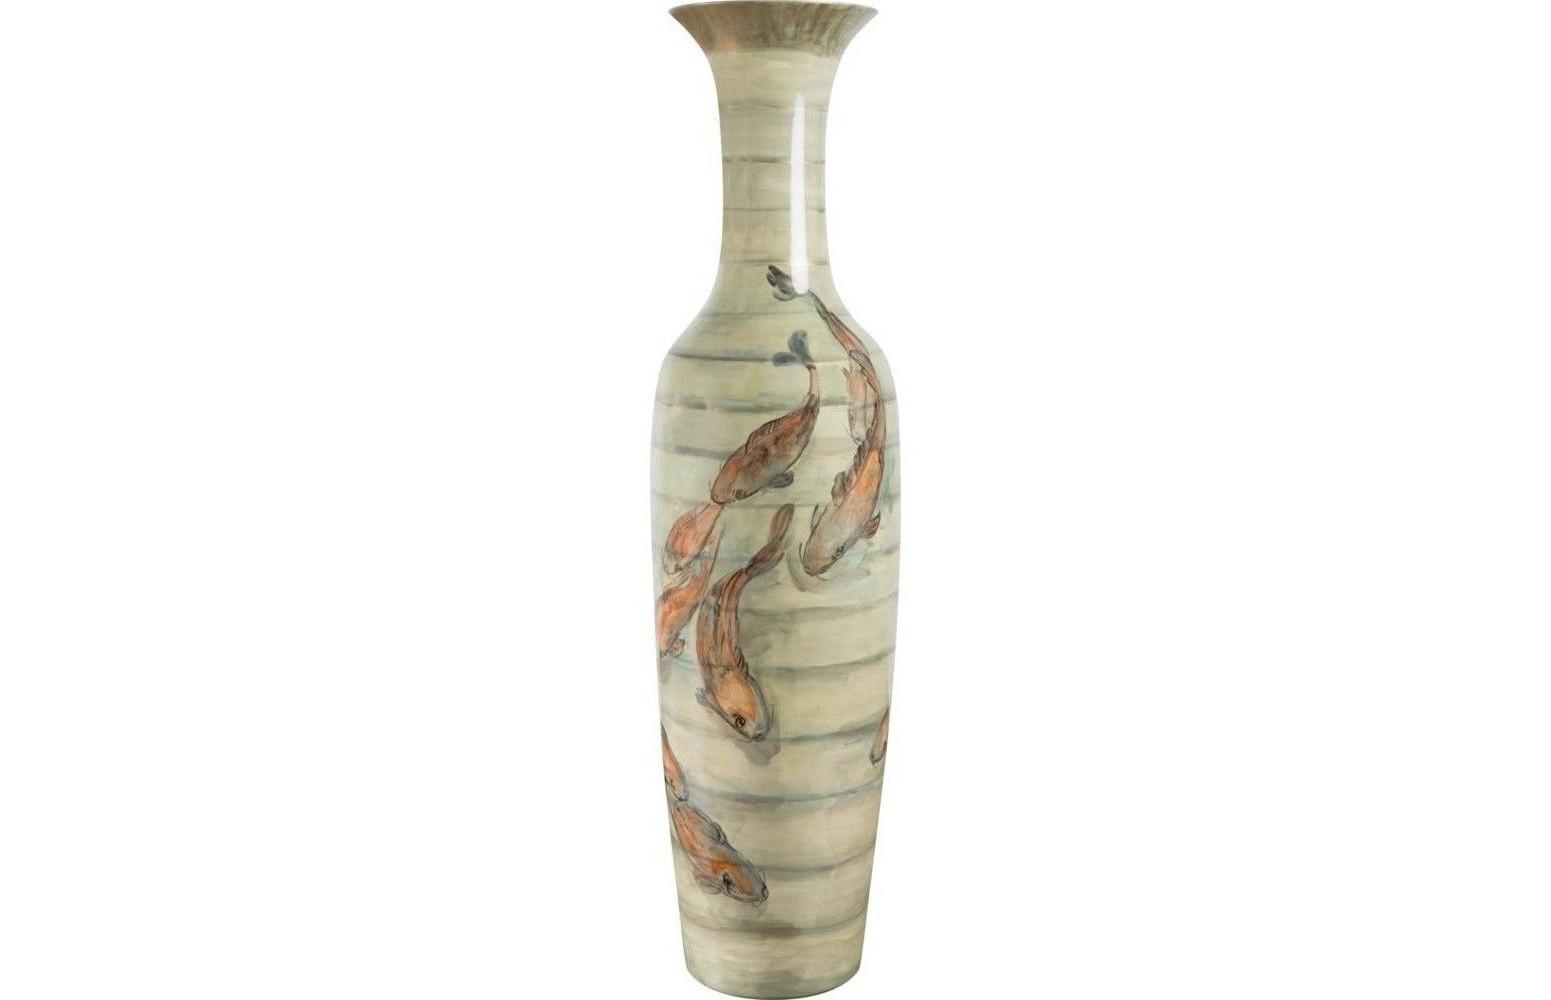 Ваза напольная IsabellaВазы<br><br><br>Material: Керамика<br>Высота см: 183.0